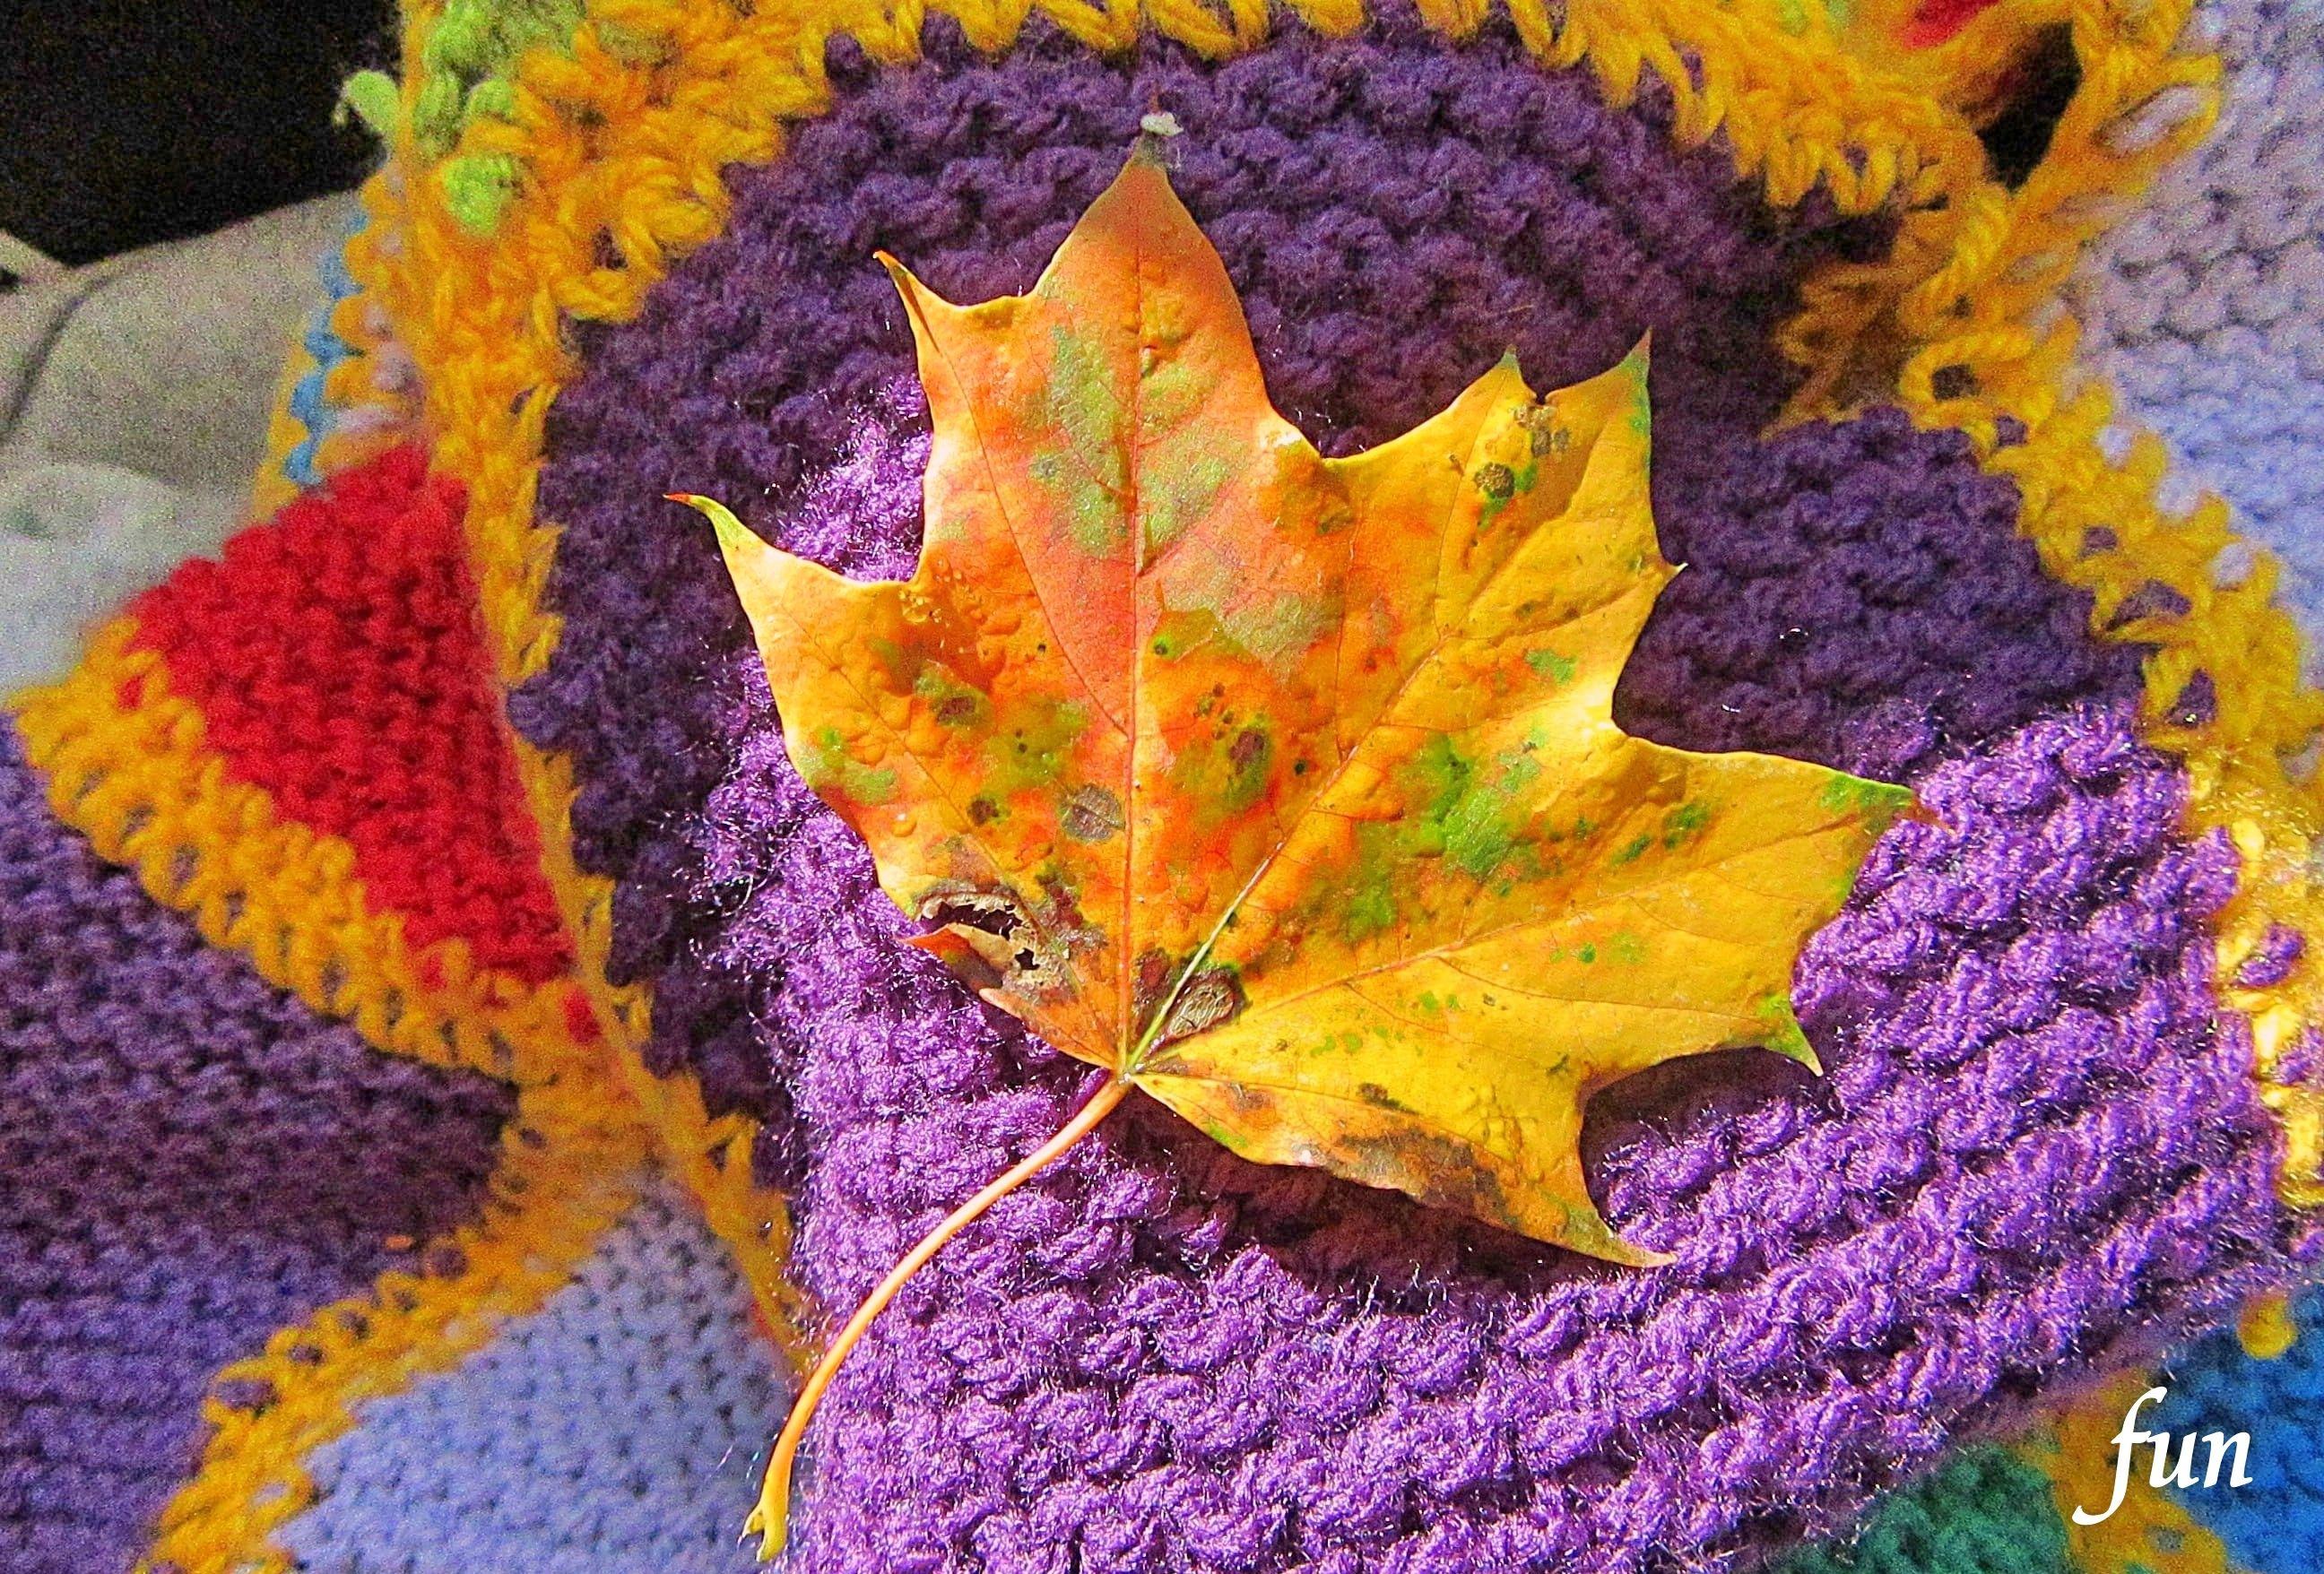 LINEプロフィール背景用秋のイメージフリー画像を配信中